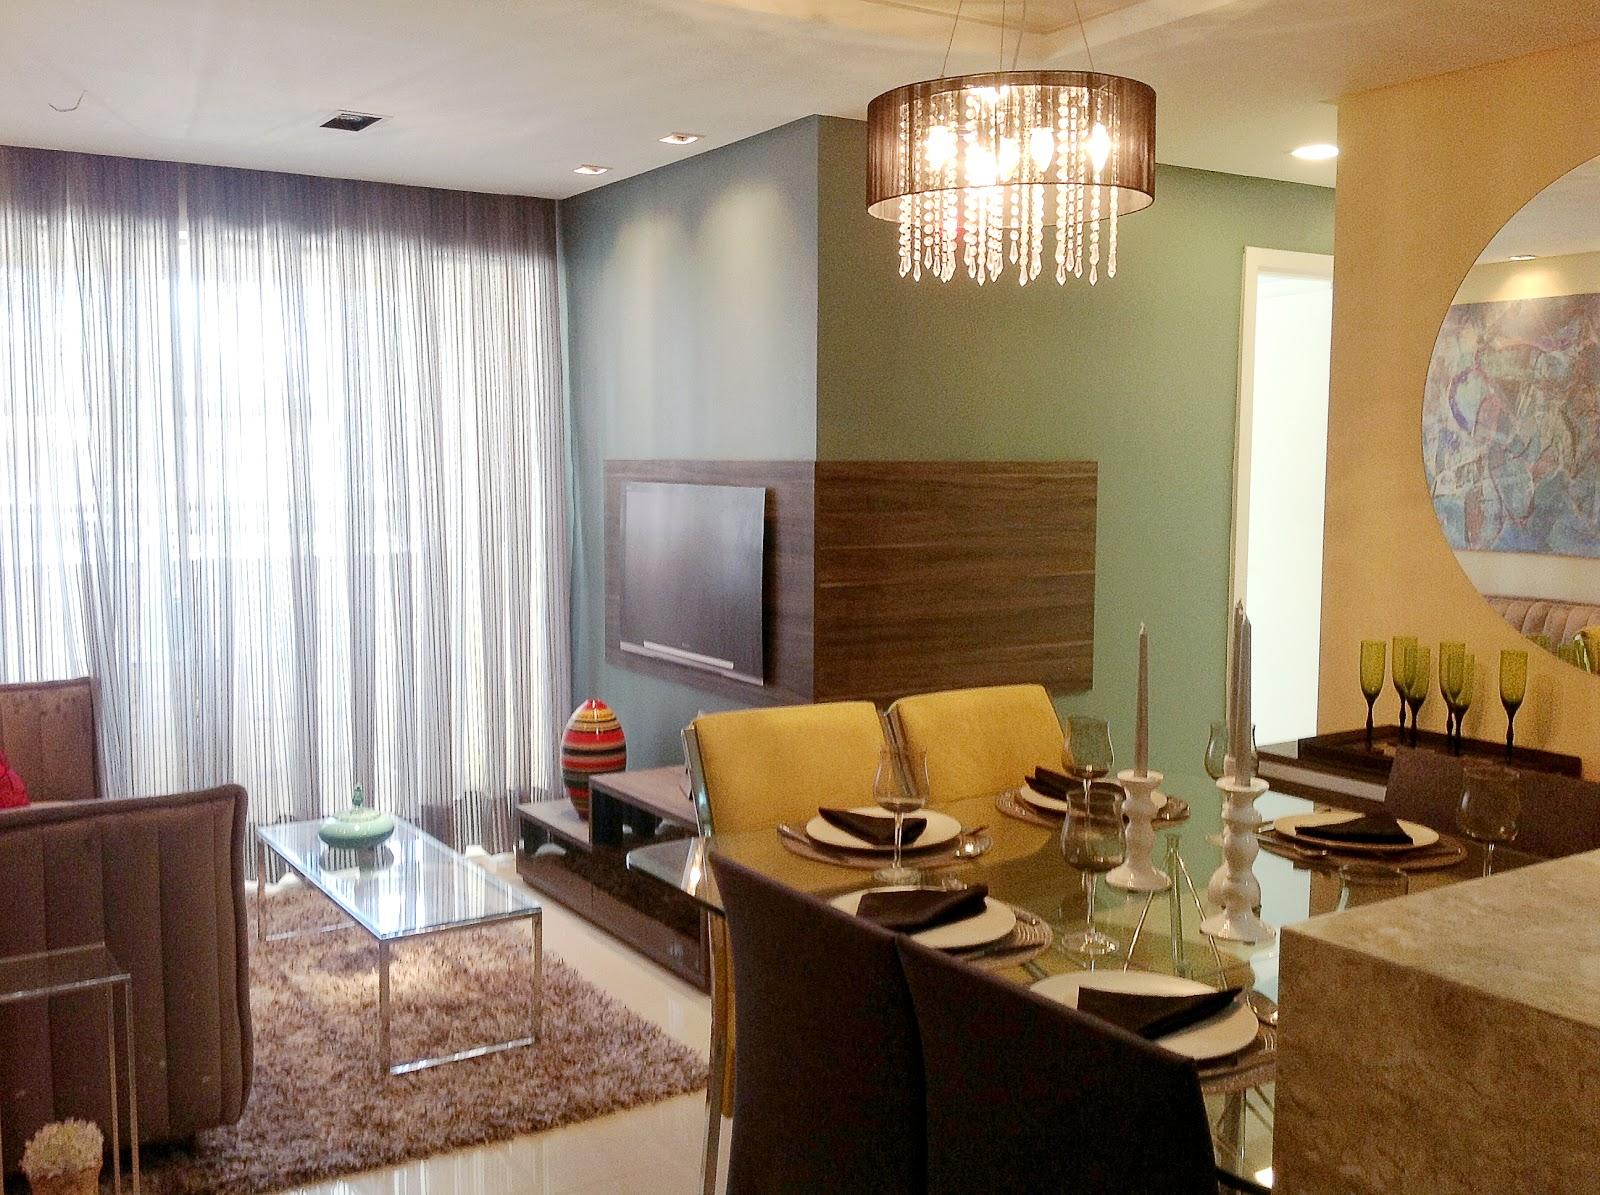 #2F1B0F Arquitetura Feminina: Apartamento Decorado : Salas part. 1 1600x1195 píxeis em Ap Decorados Pequenos